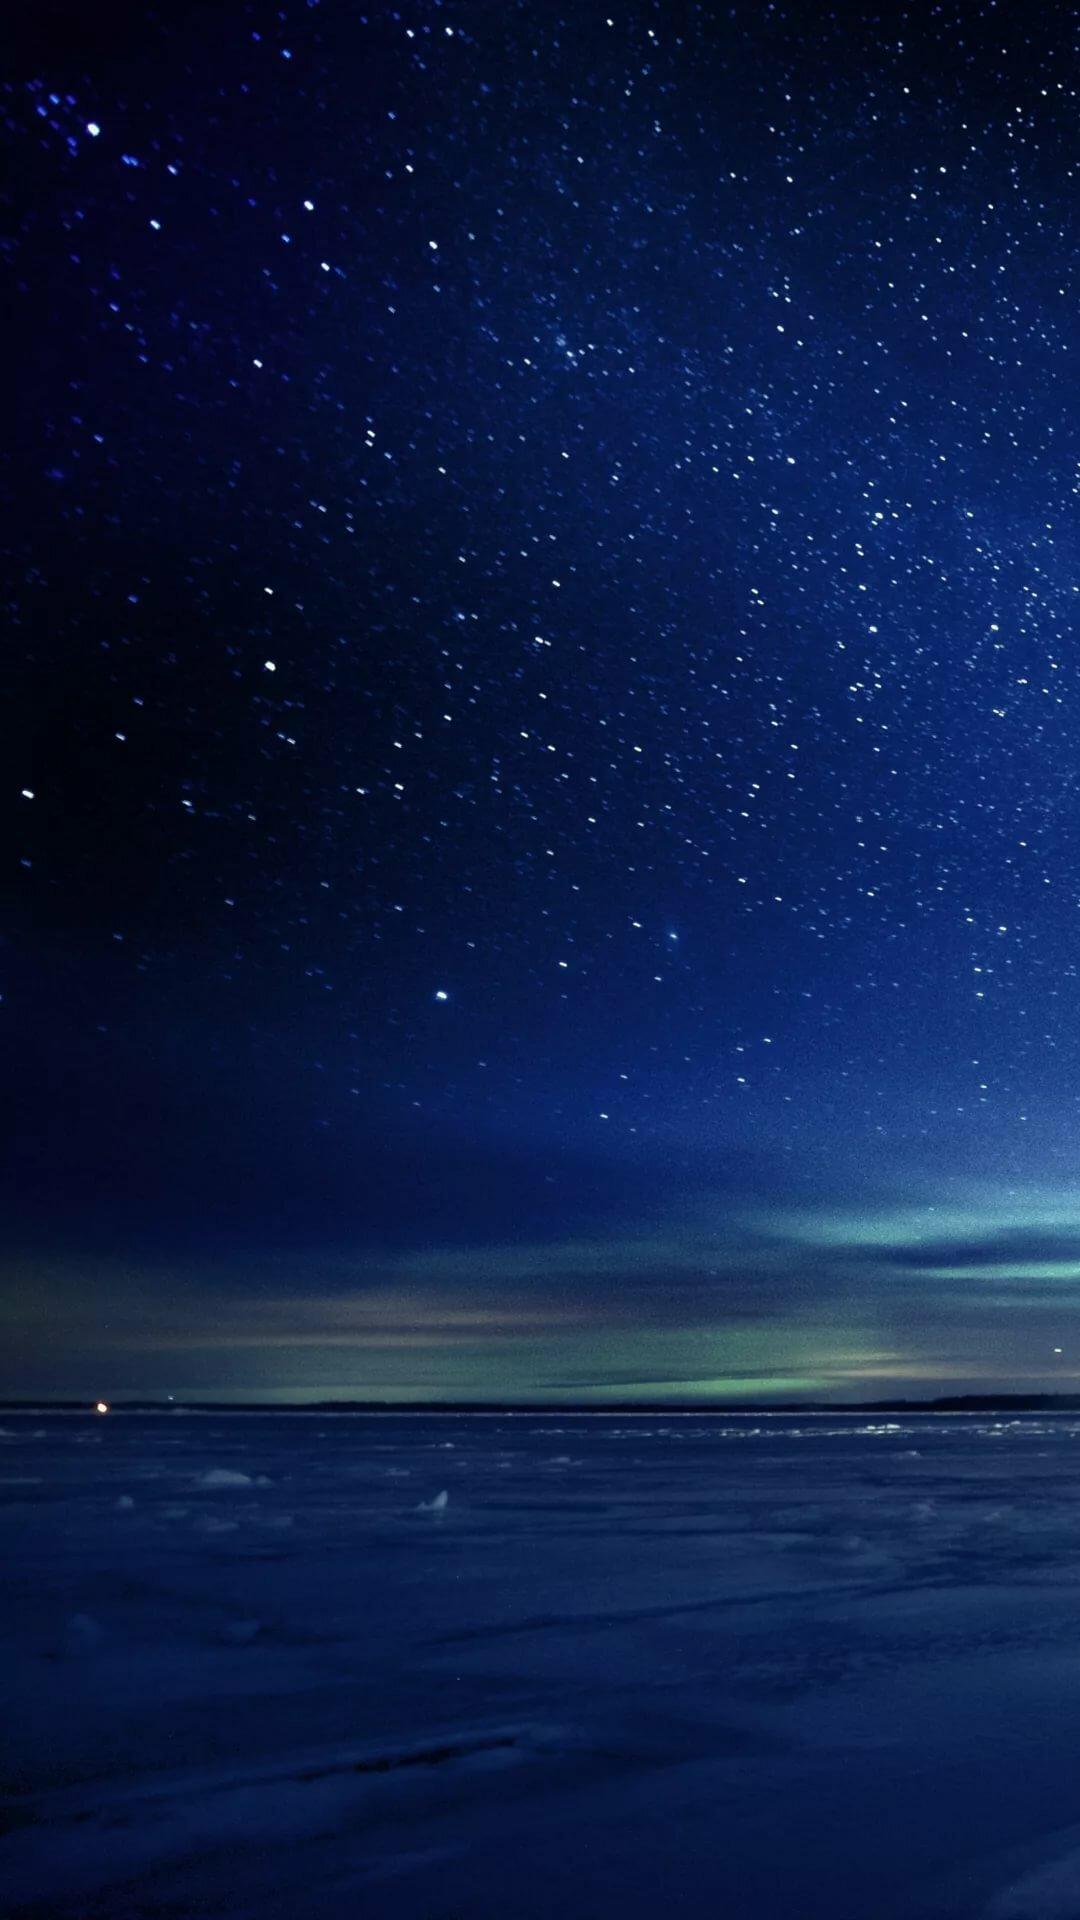 картинки звезды на небе на смартфон восстановить